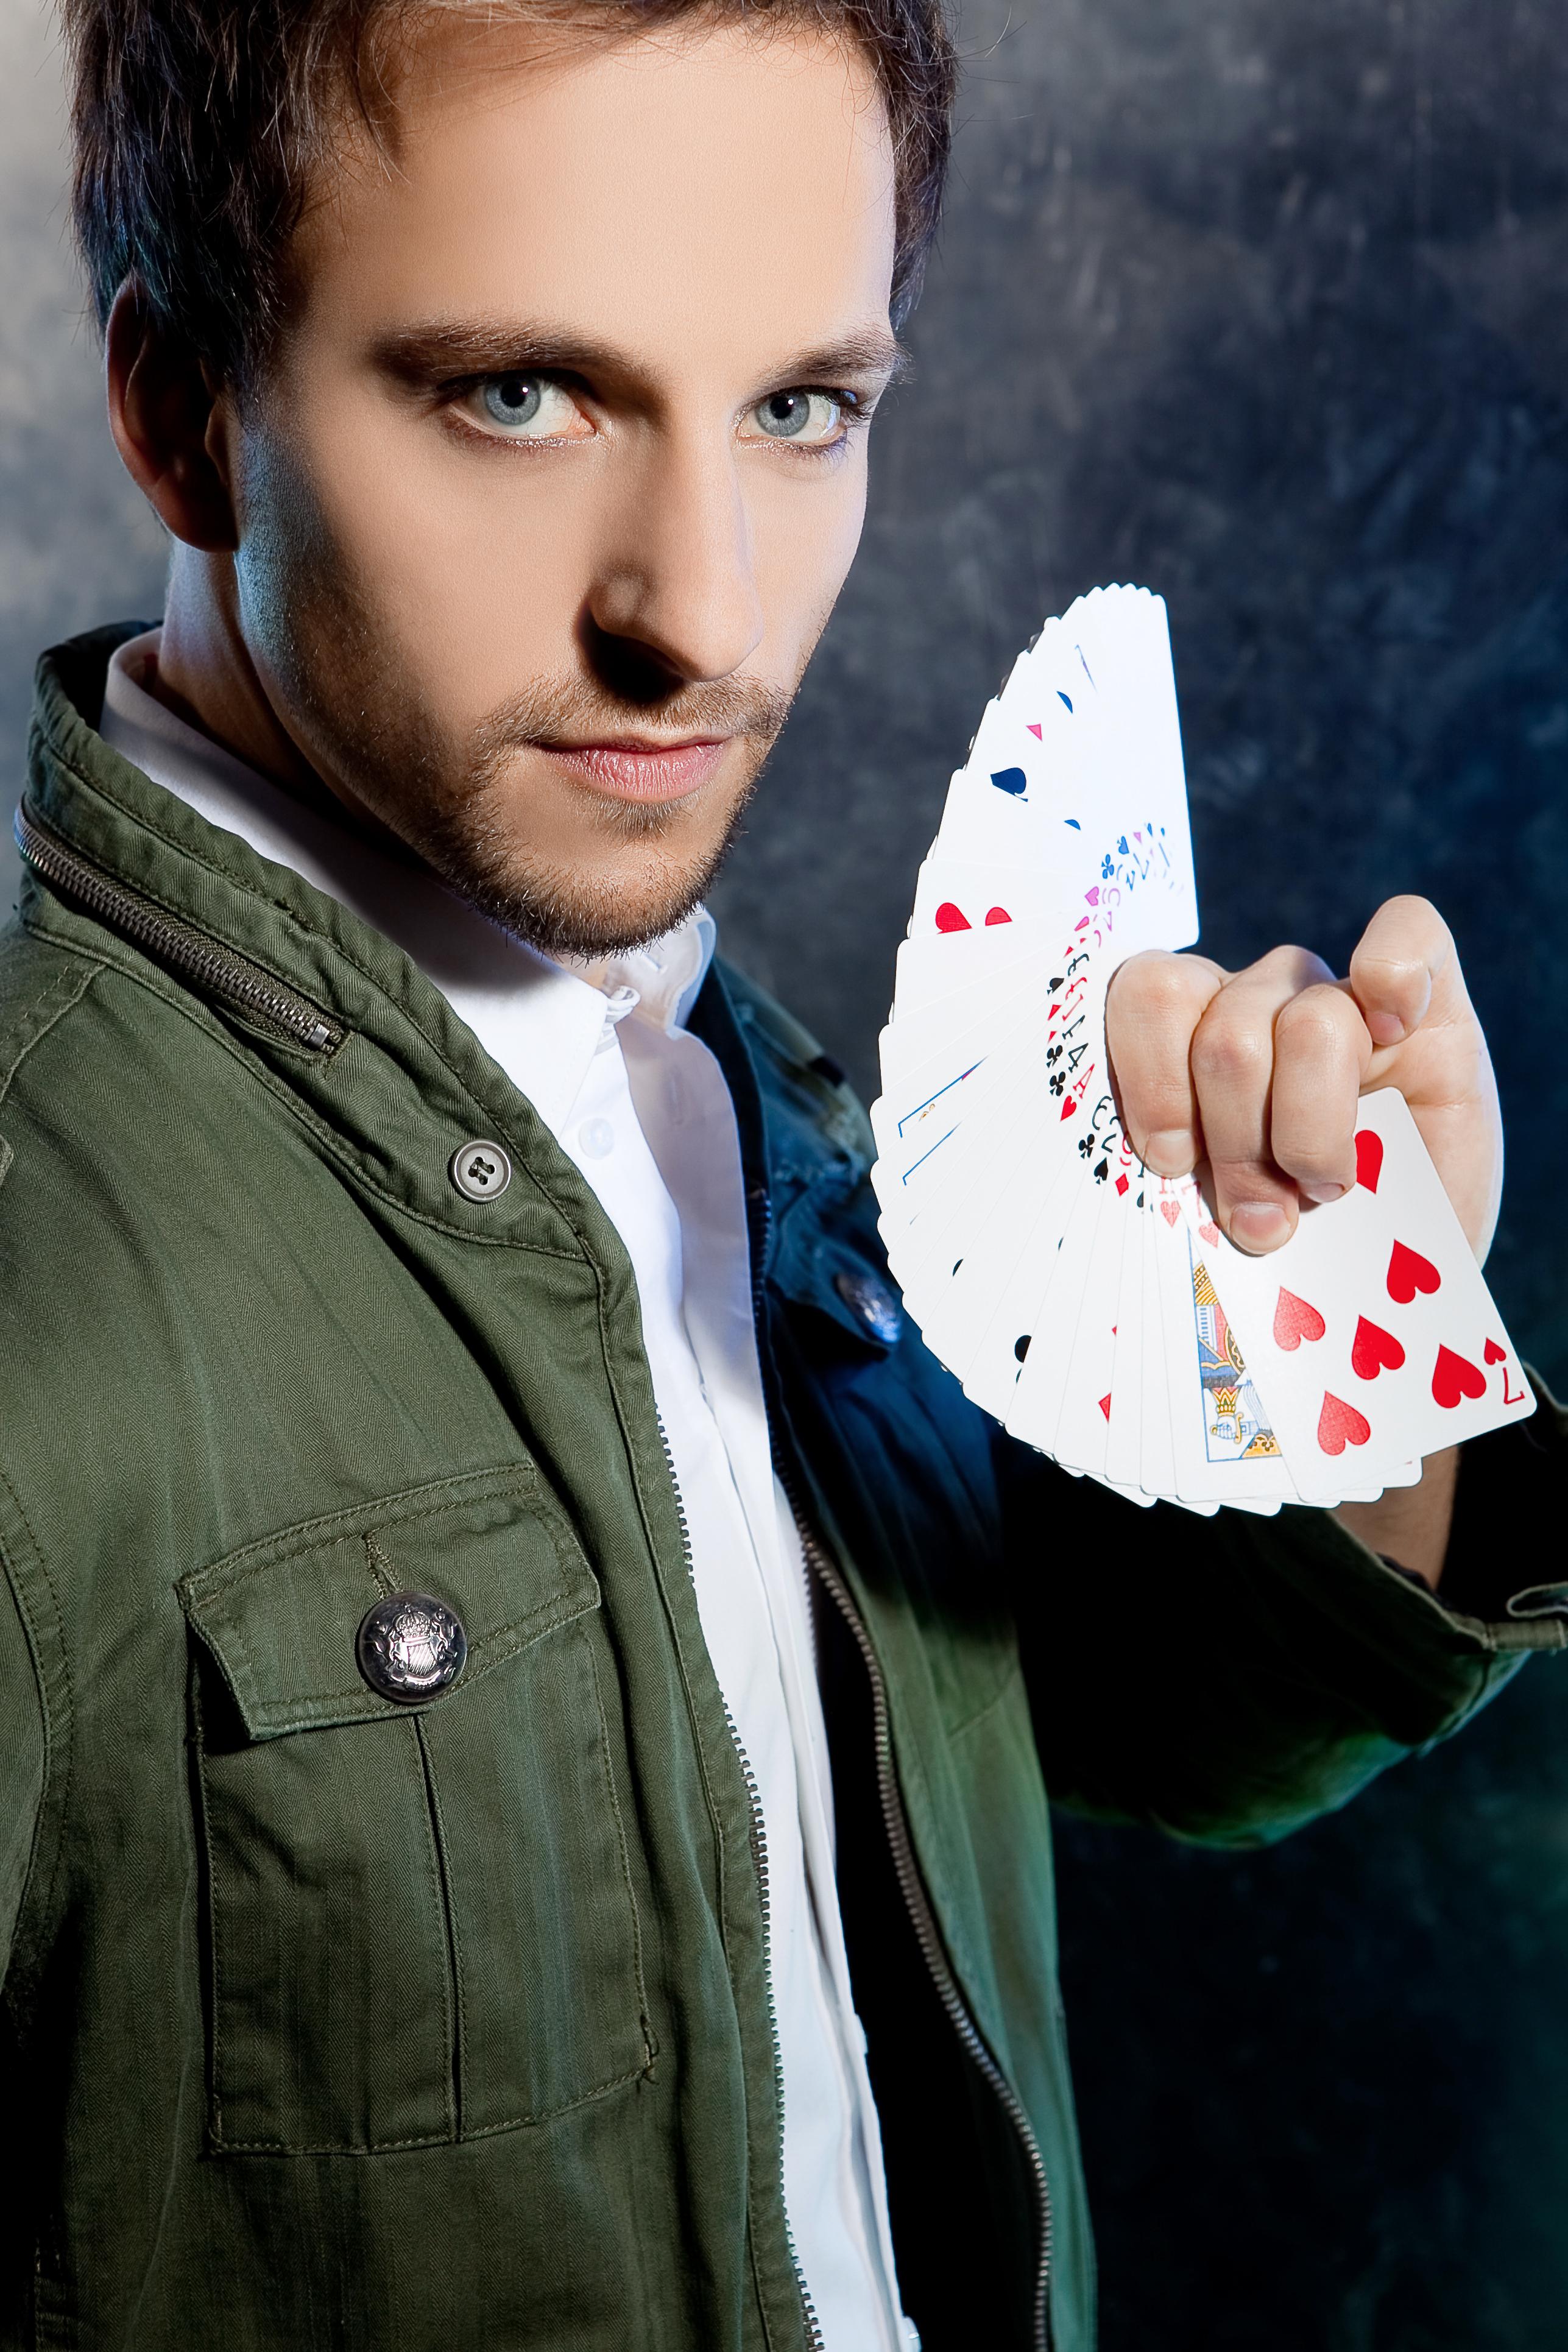 Das ist insofern bemerkenswert, weil Peter Valance doch eigentlich selbst hauptberuflich Zauberer ist. - Bild-0128